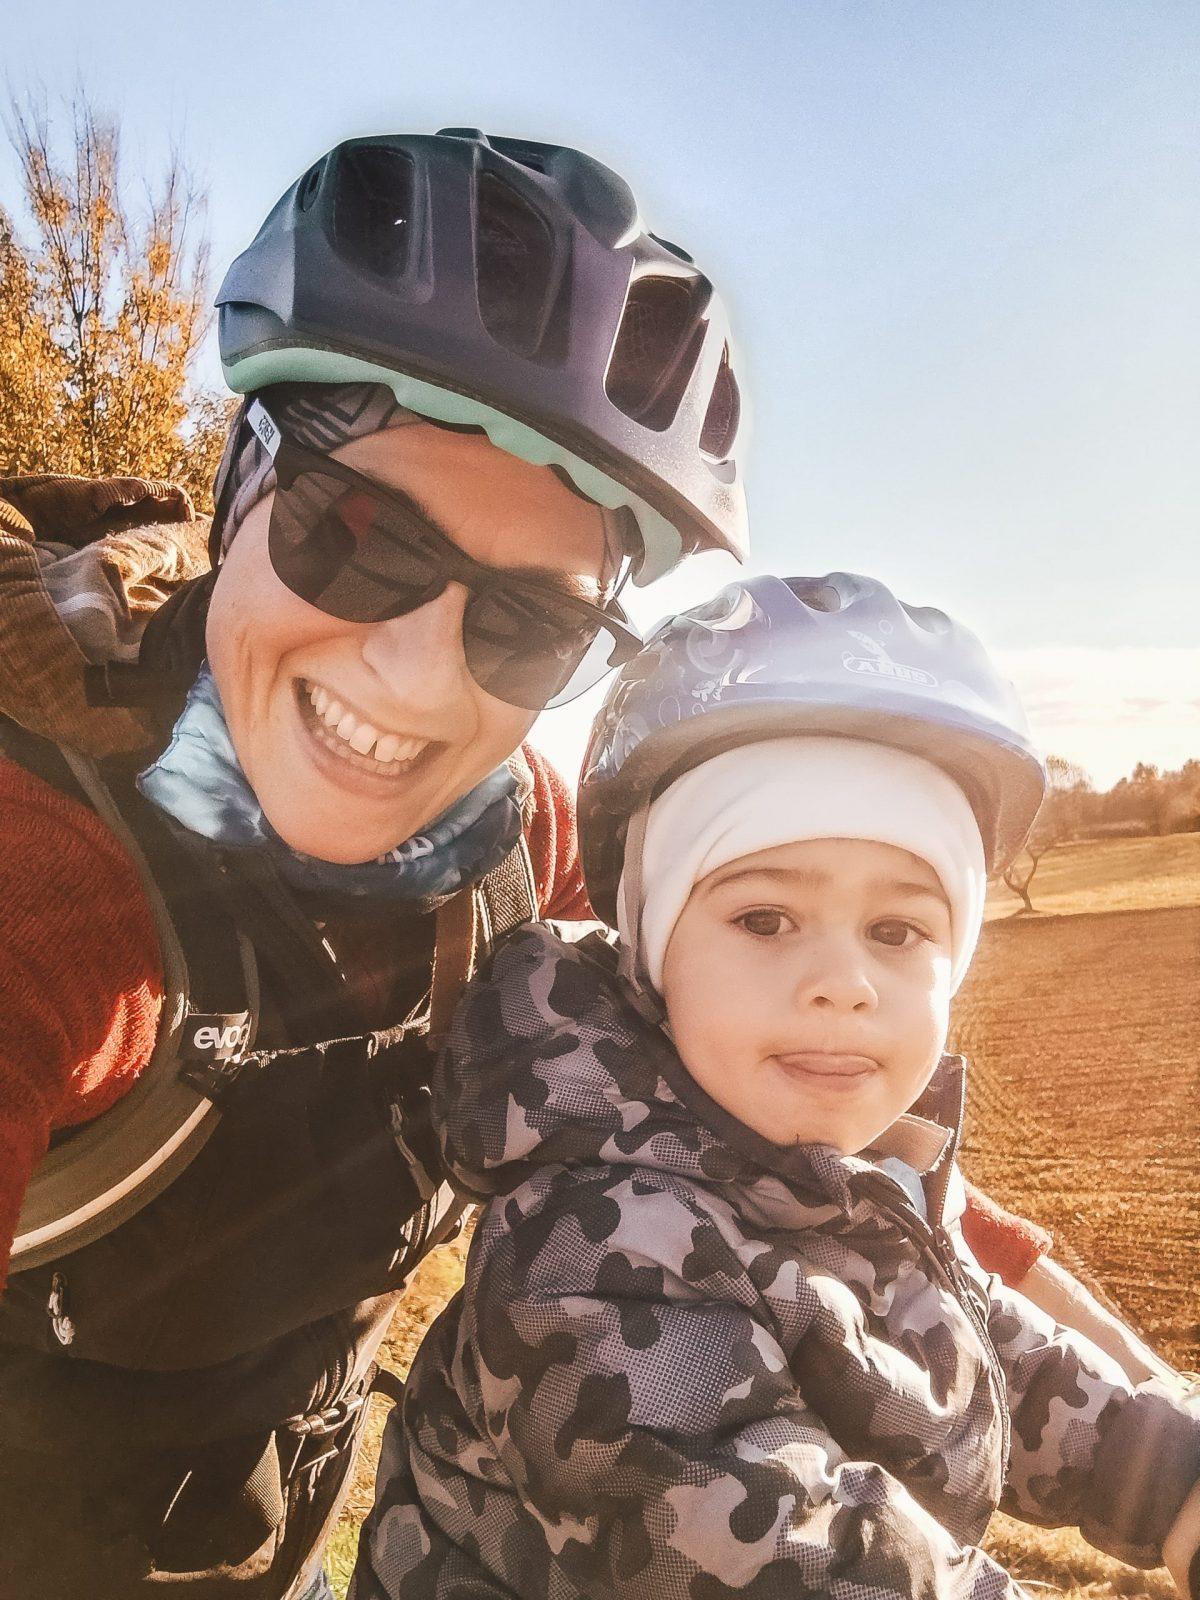 Bambino con casco in bici con la mamma